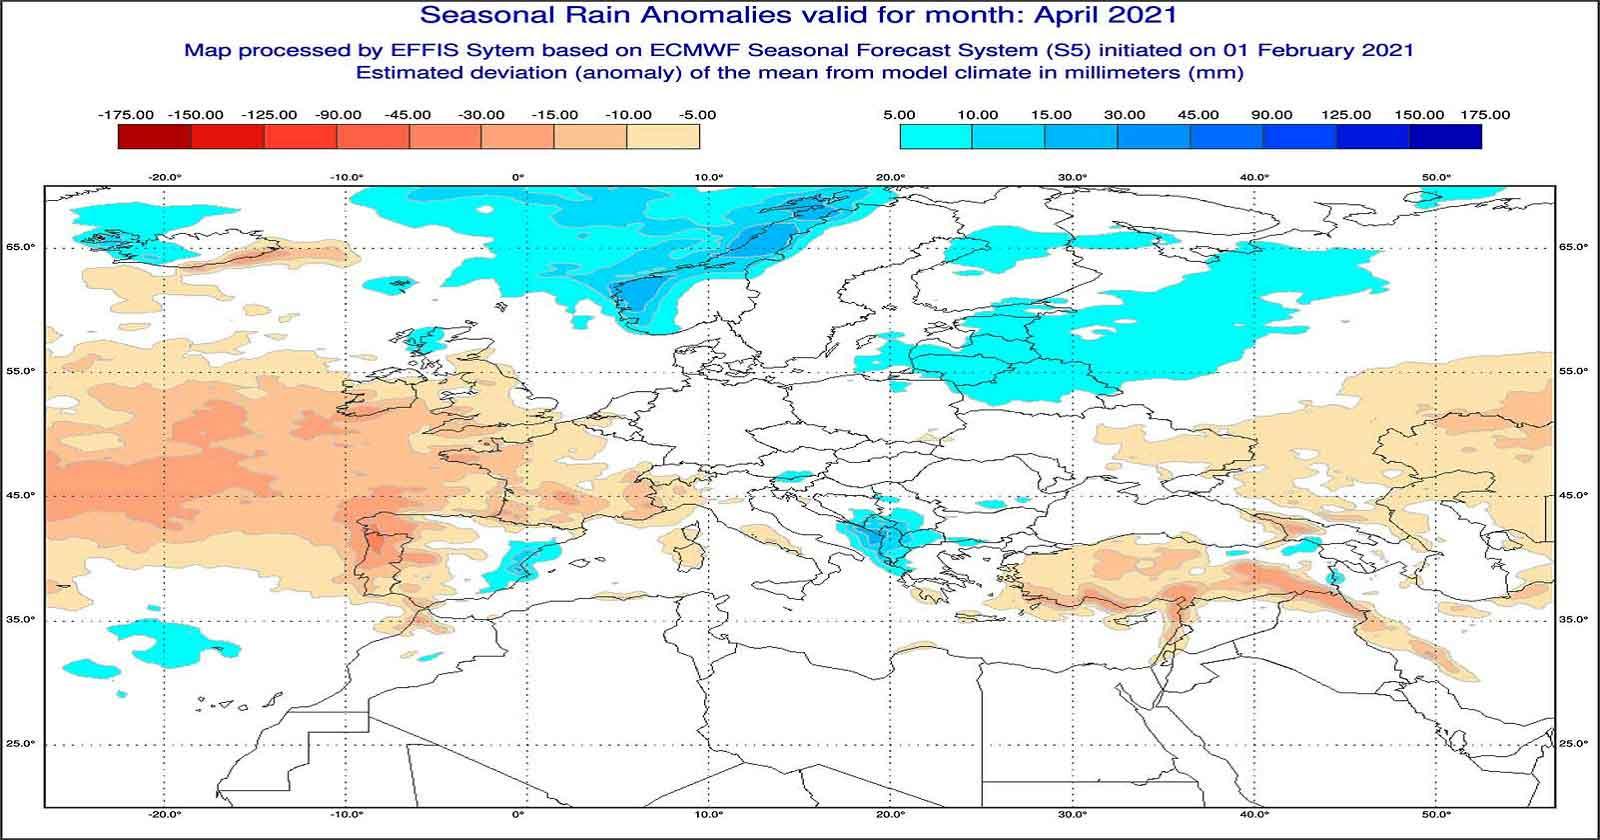 Anomalie di precipitazione per Aprile 2021 secondo il modello ECMWF - effis.jrc.ec.europa.eu